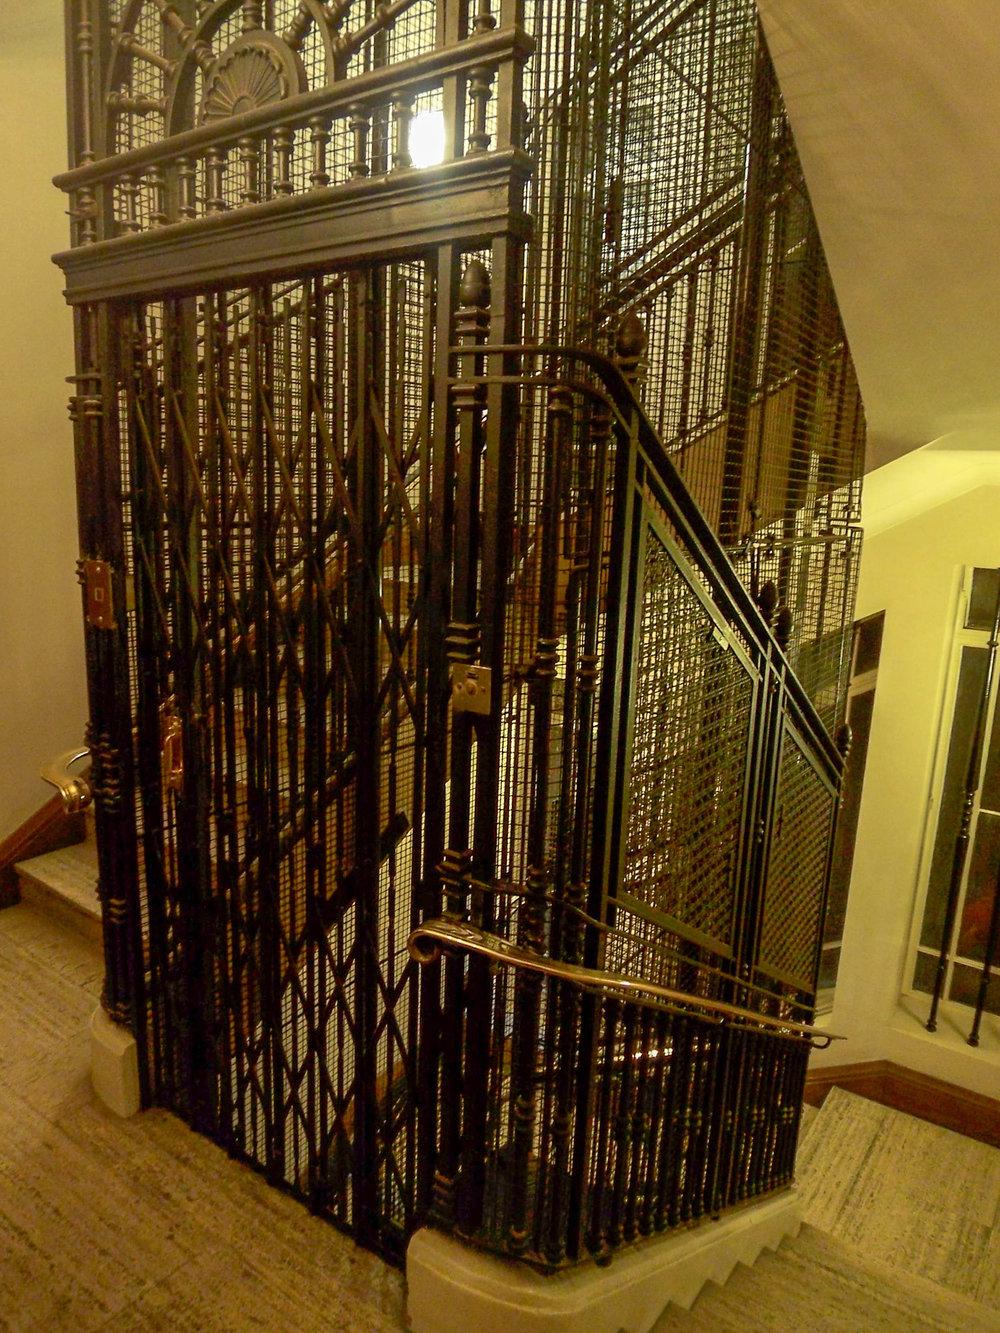 03_PRINCES GATE LOBBY.jpg